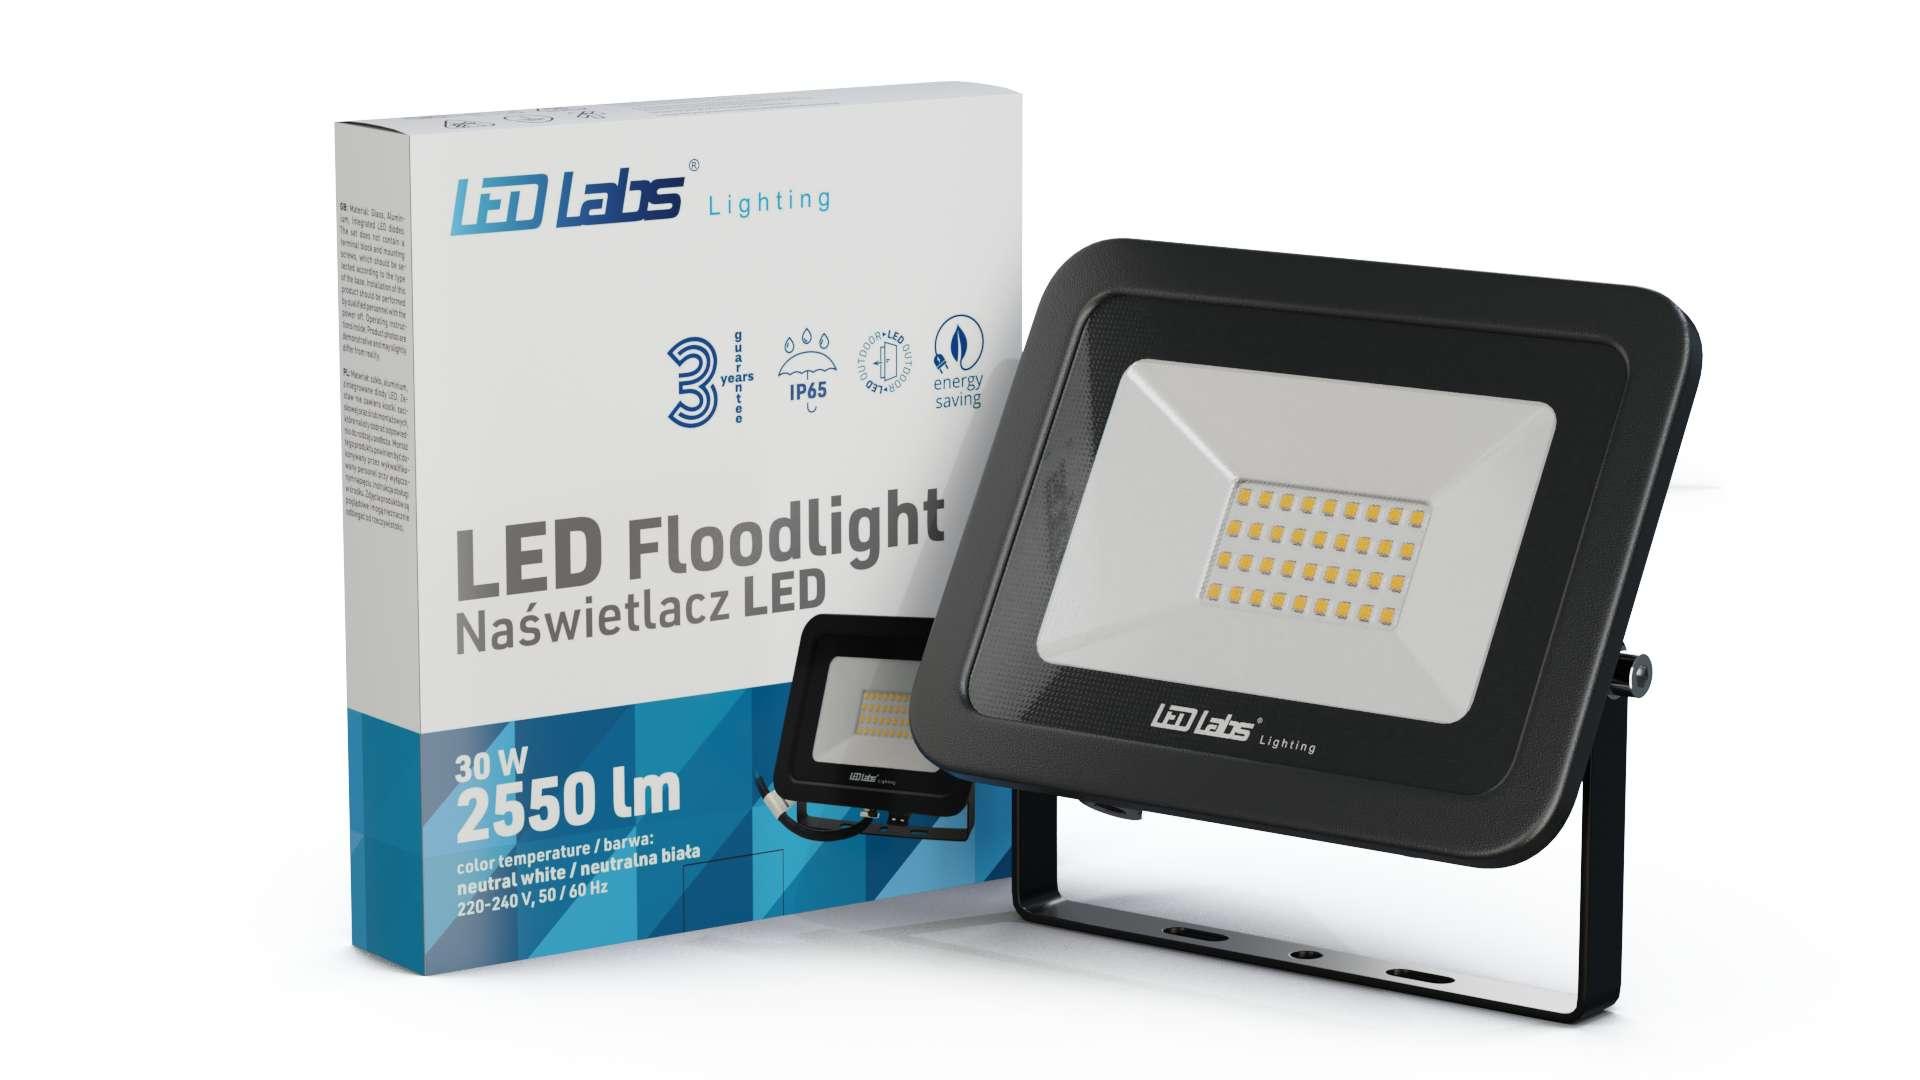 LED Floodligh 3Y 30W Neutral white SMD IP65 SLIM, black